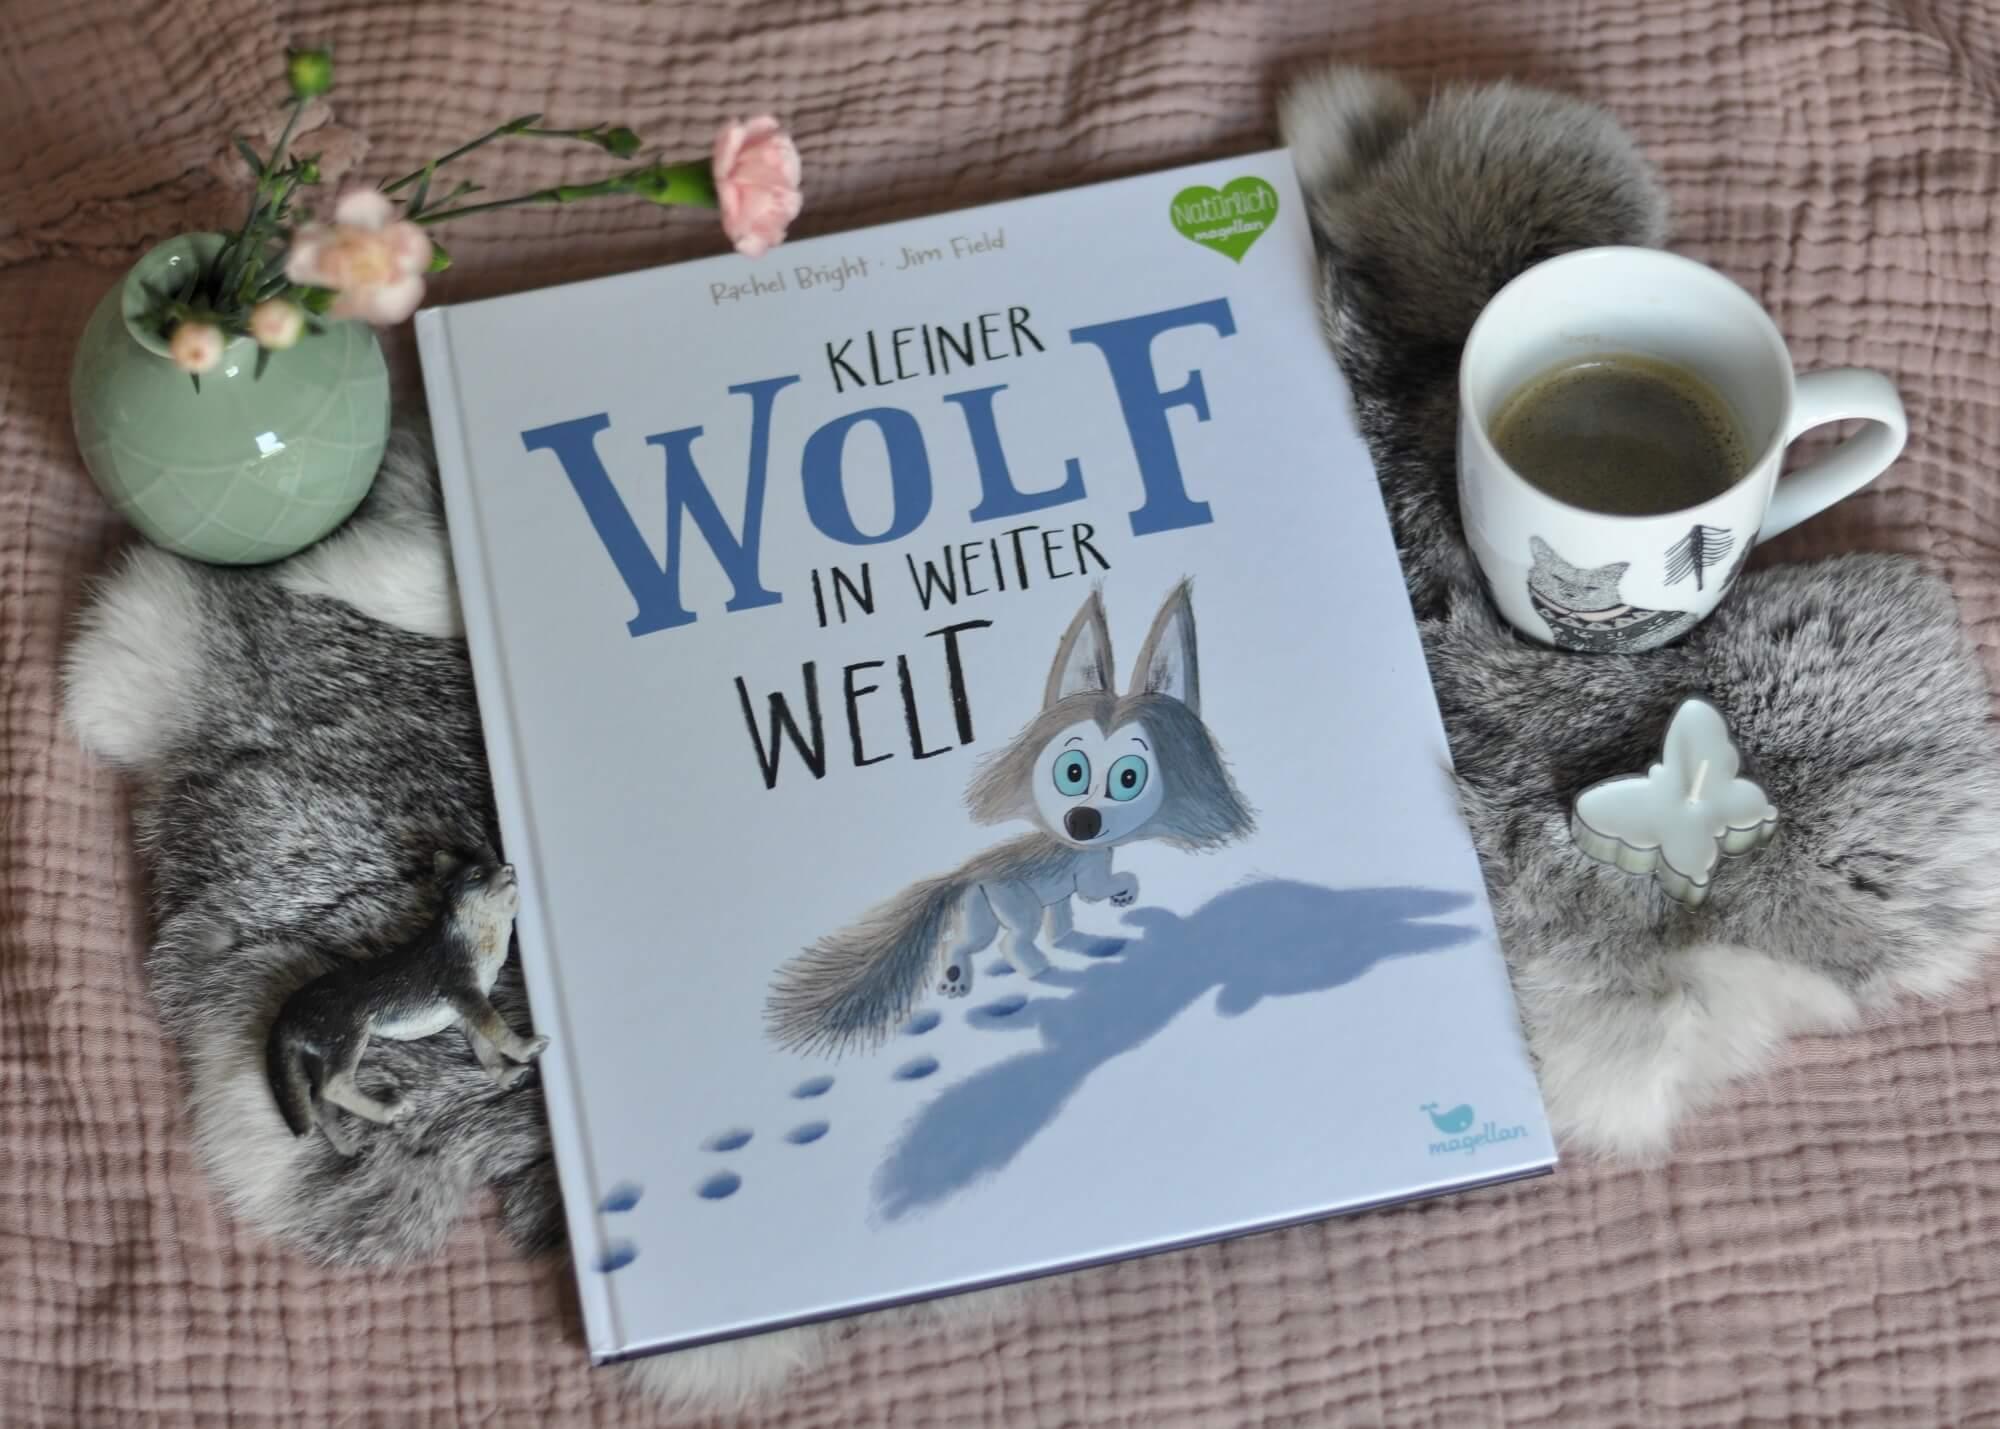 Manchmal braucht man Mut, um seinen Stolz zu überwinden und Hilfe anzunehmen. Wolfsjunge Wido will keine Hilfe - schon gar nicht von seinen Rudelmitgliedern. Doch bei einer Wanderung verliert er den Anschluss und ist auf einmal auf fremde Hilfe angewiesen. Ein Buch über Hilfsbereitschaft von Rachel Bright und Jim Field. #wolf #buch #lesen #vorlesen #kinderbuch #bilderbuch #hilfe #hilfsbereitschaft #mut #stolz